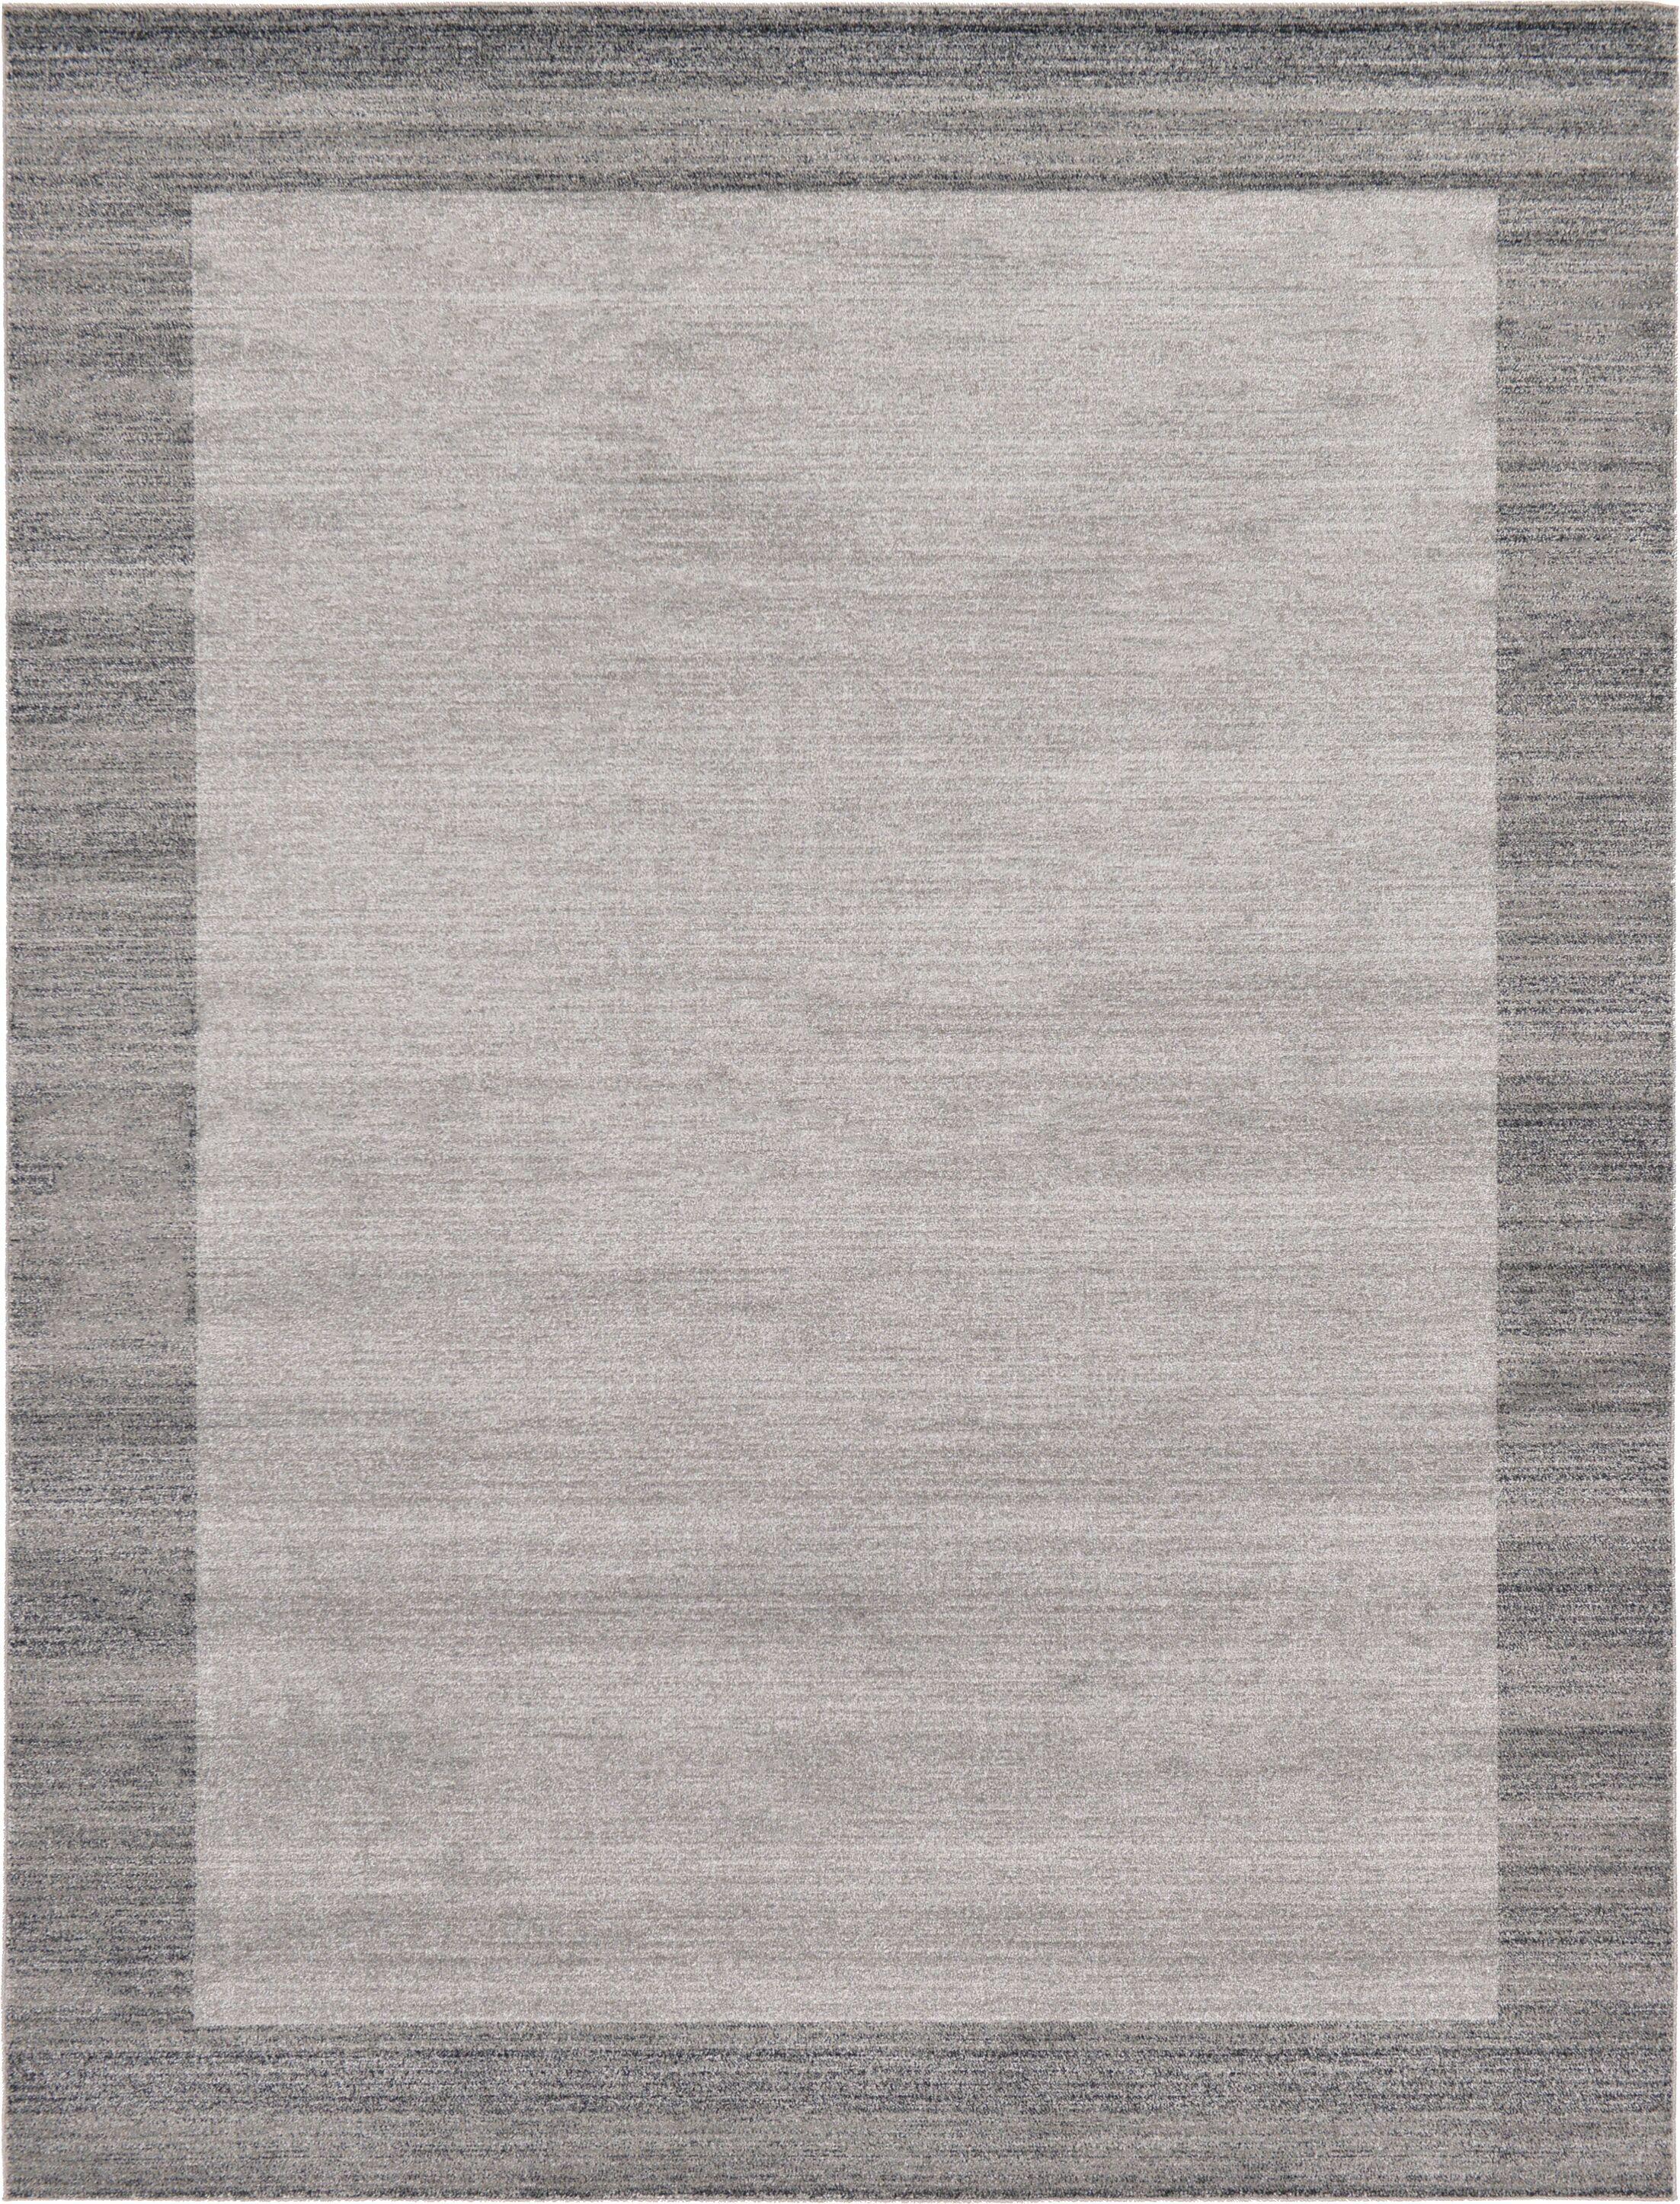 Christi Gray Area Rug Rug Size: Rectangle 9' x 12'